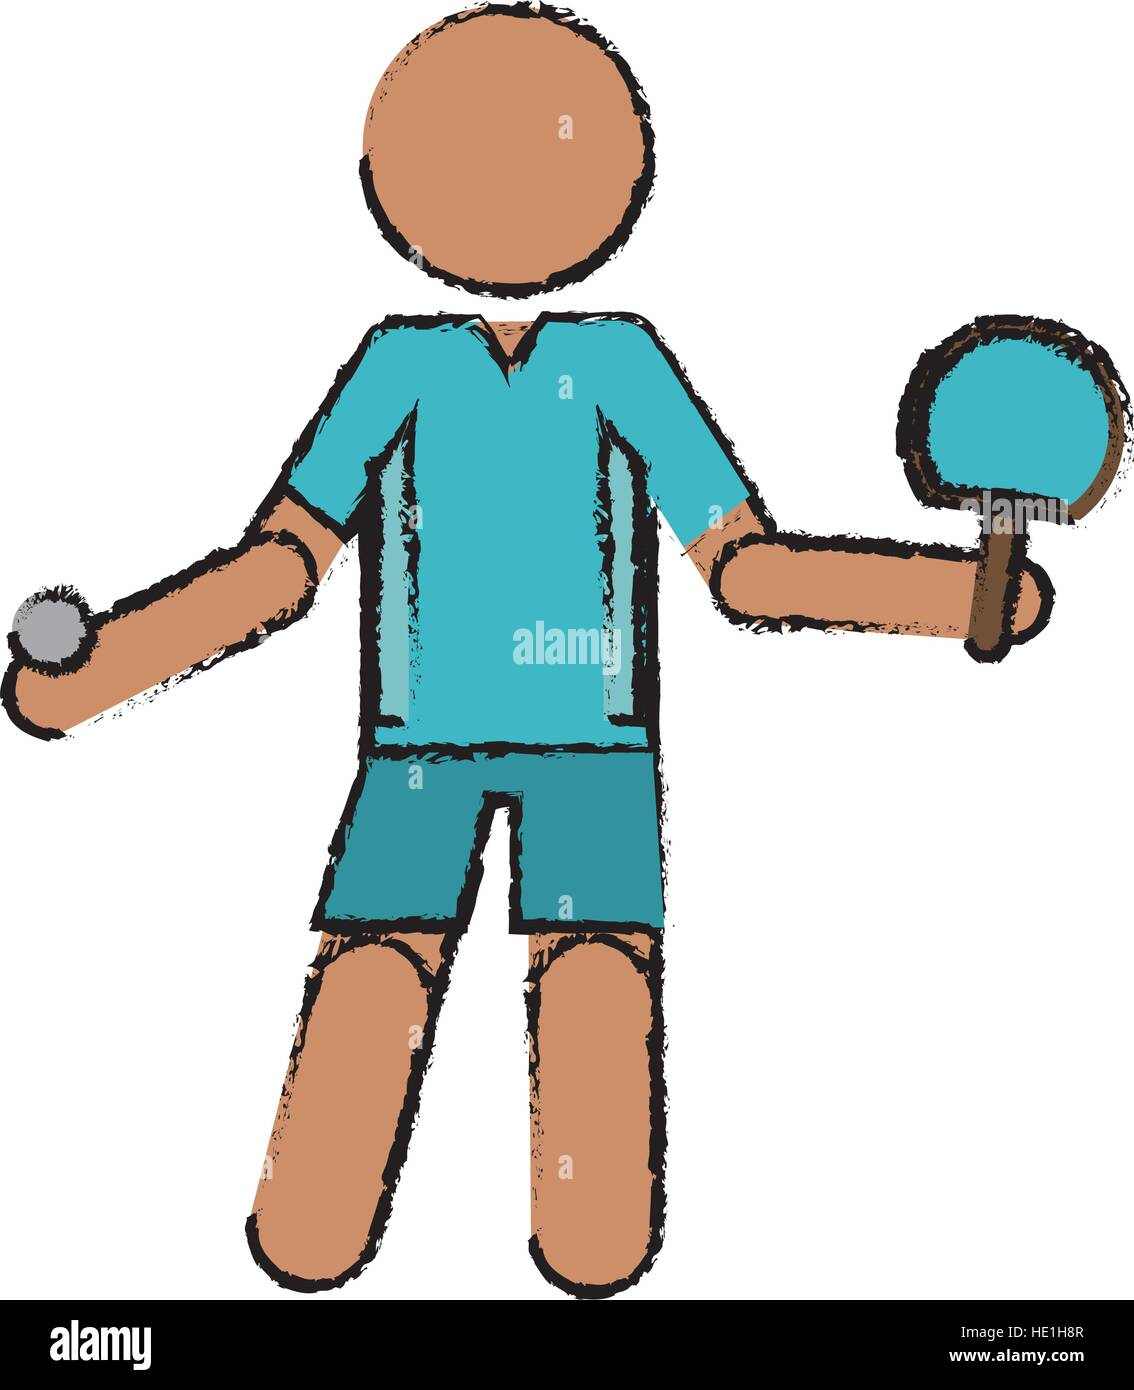 Caractère de dessin joueur de ping-pong avec raquettes Illustration de Vecteur